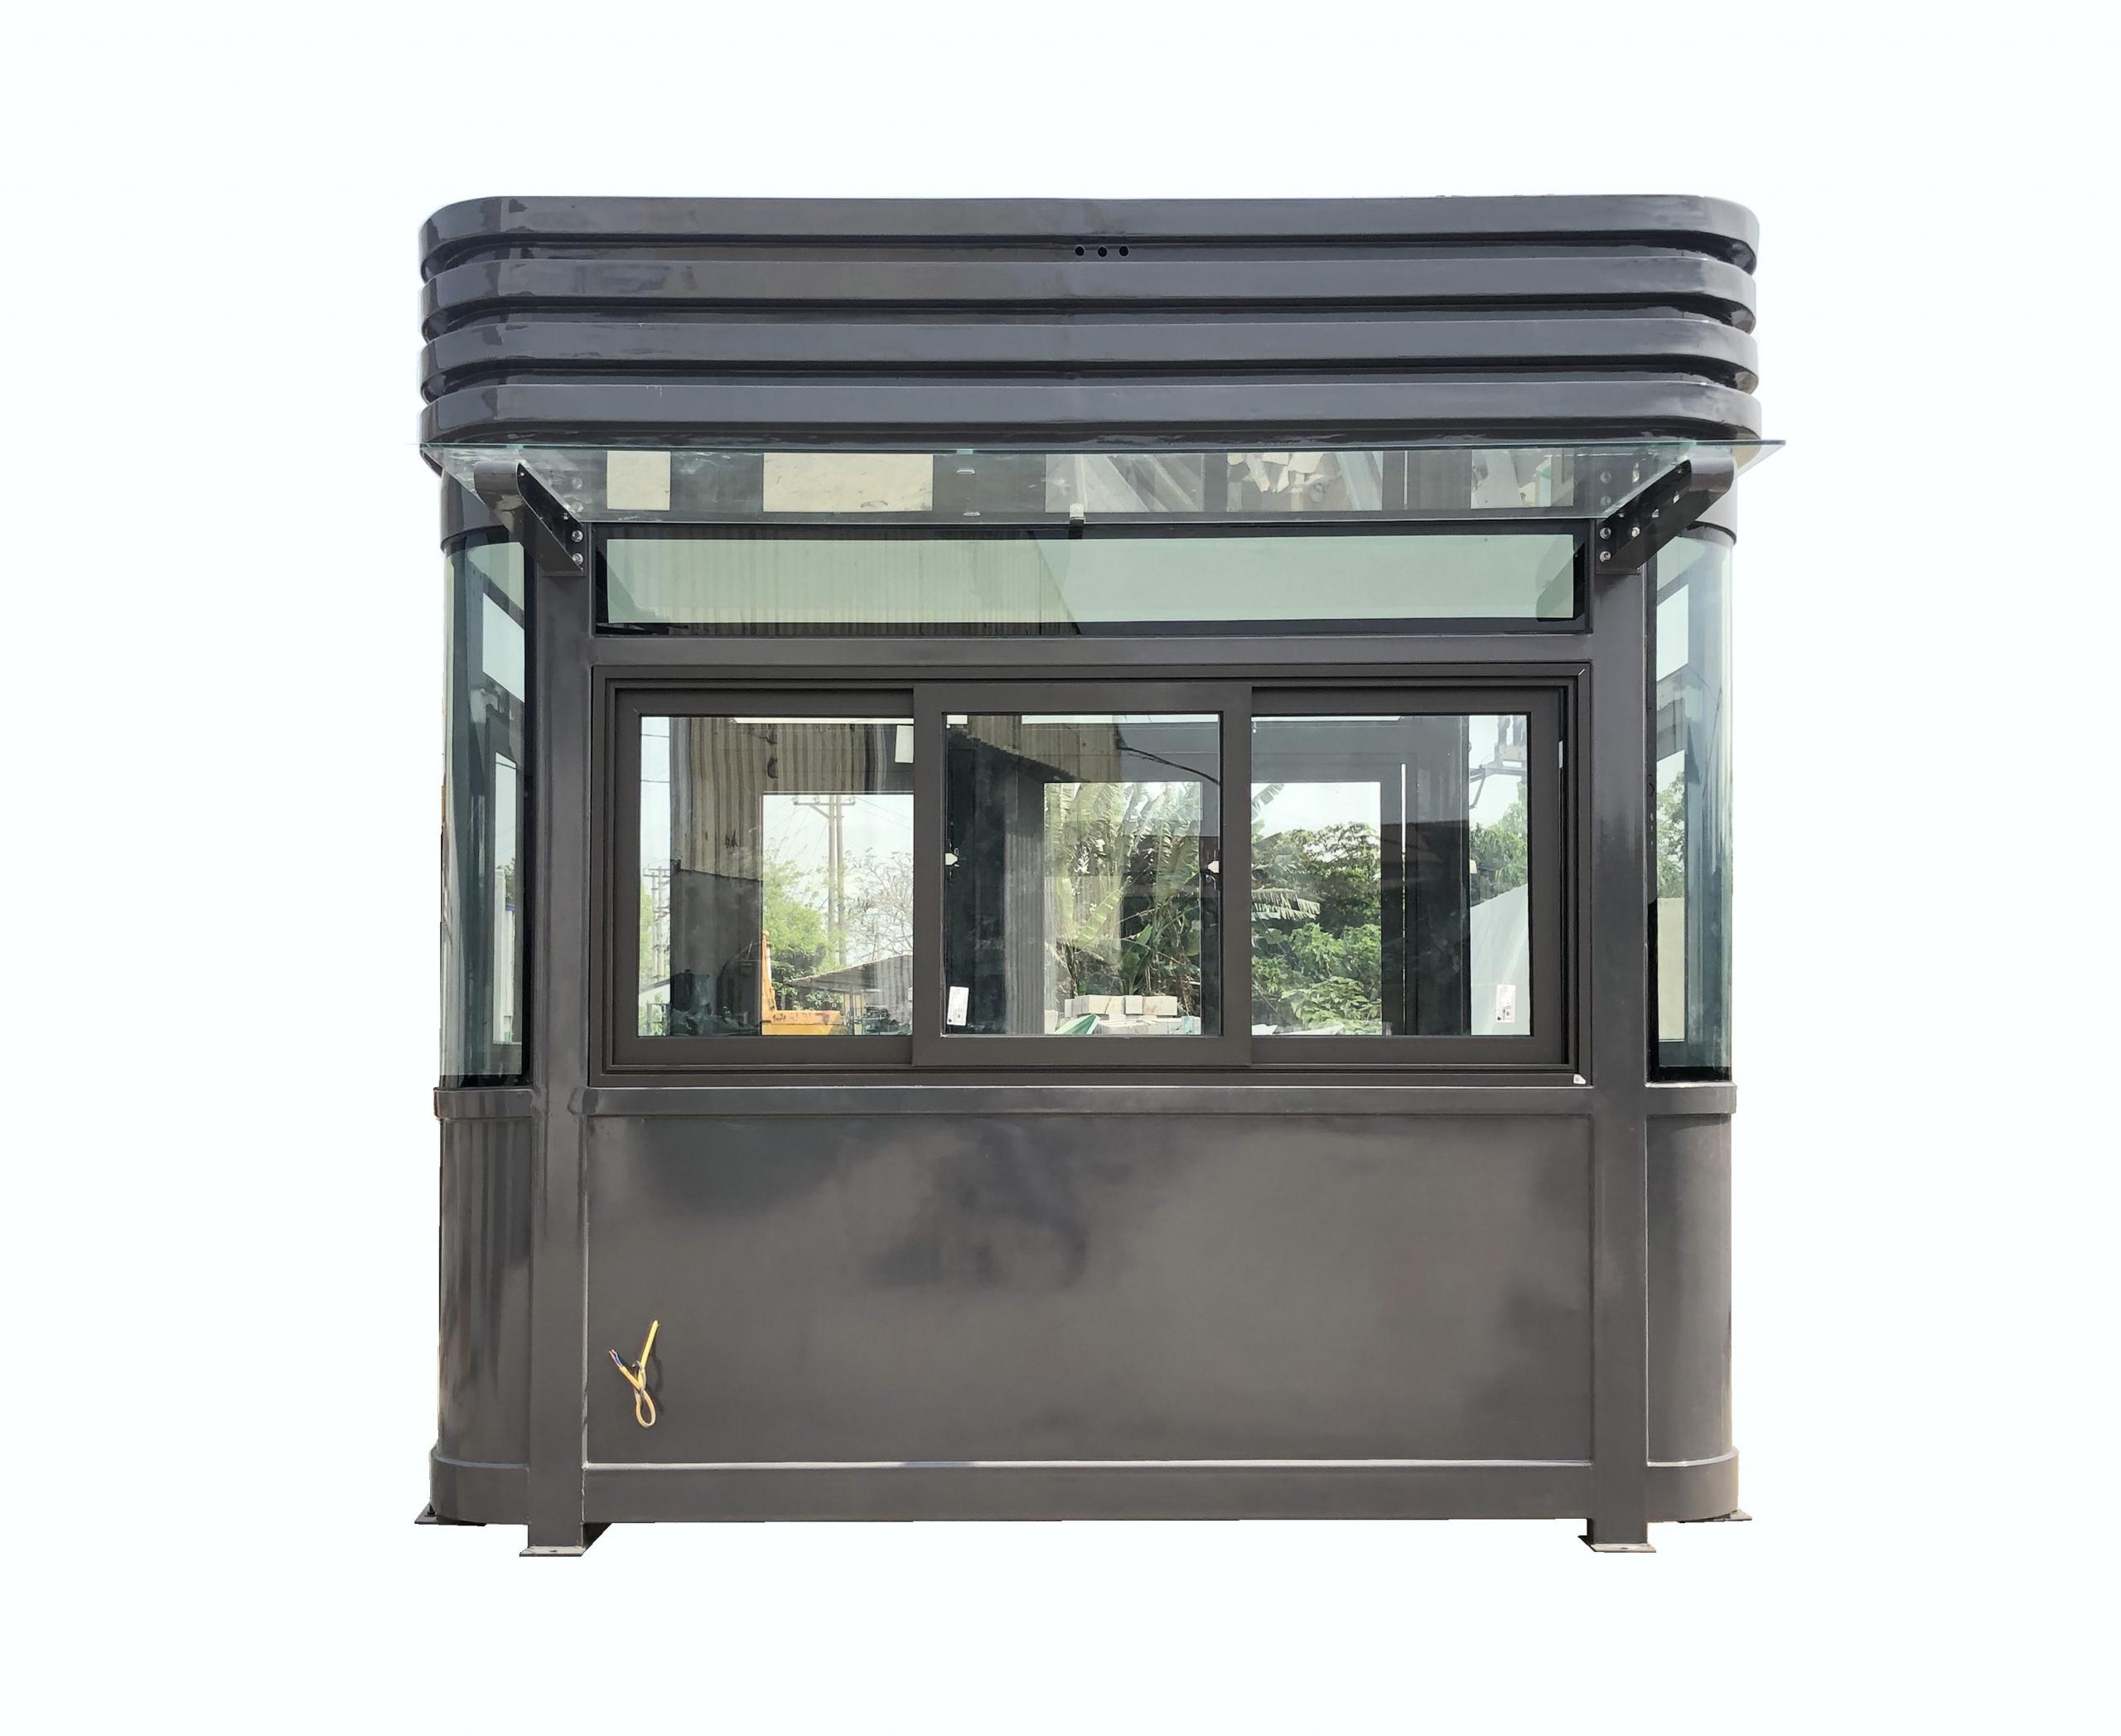 Cabin bảo vệ khung thép cao cấp